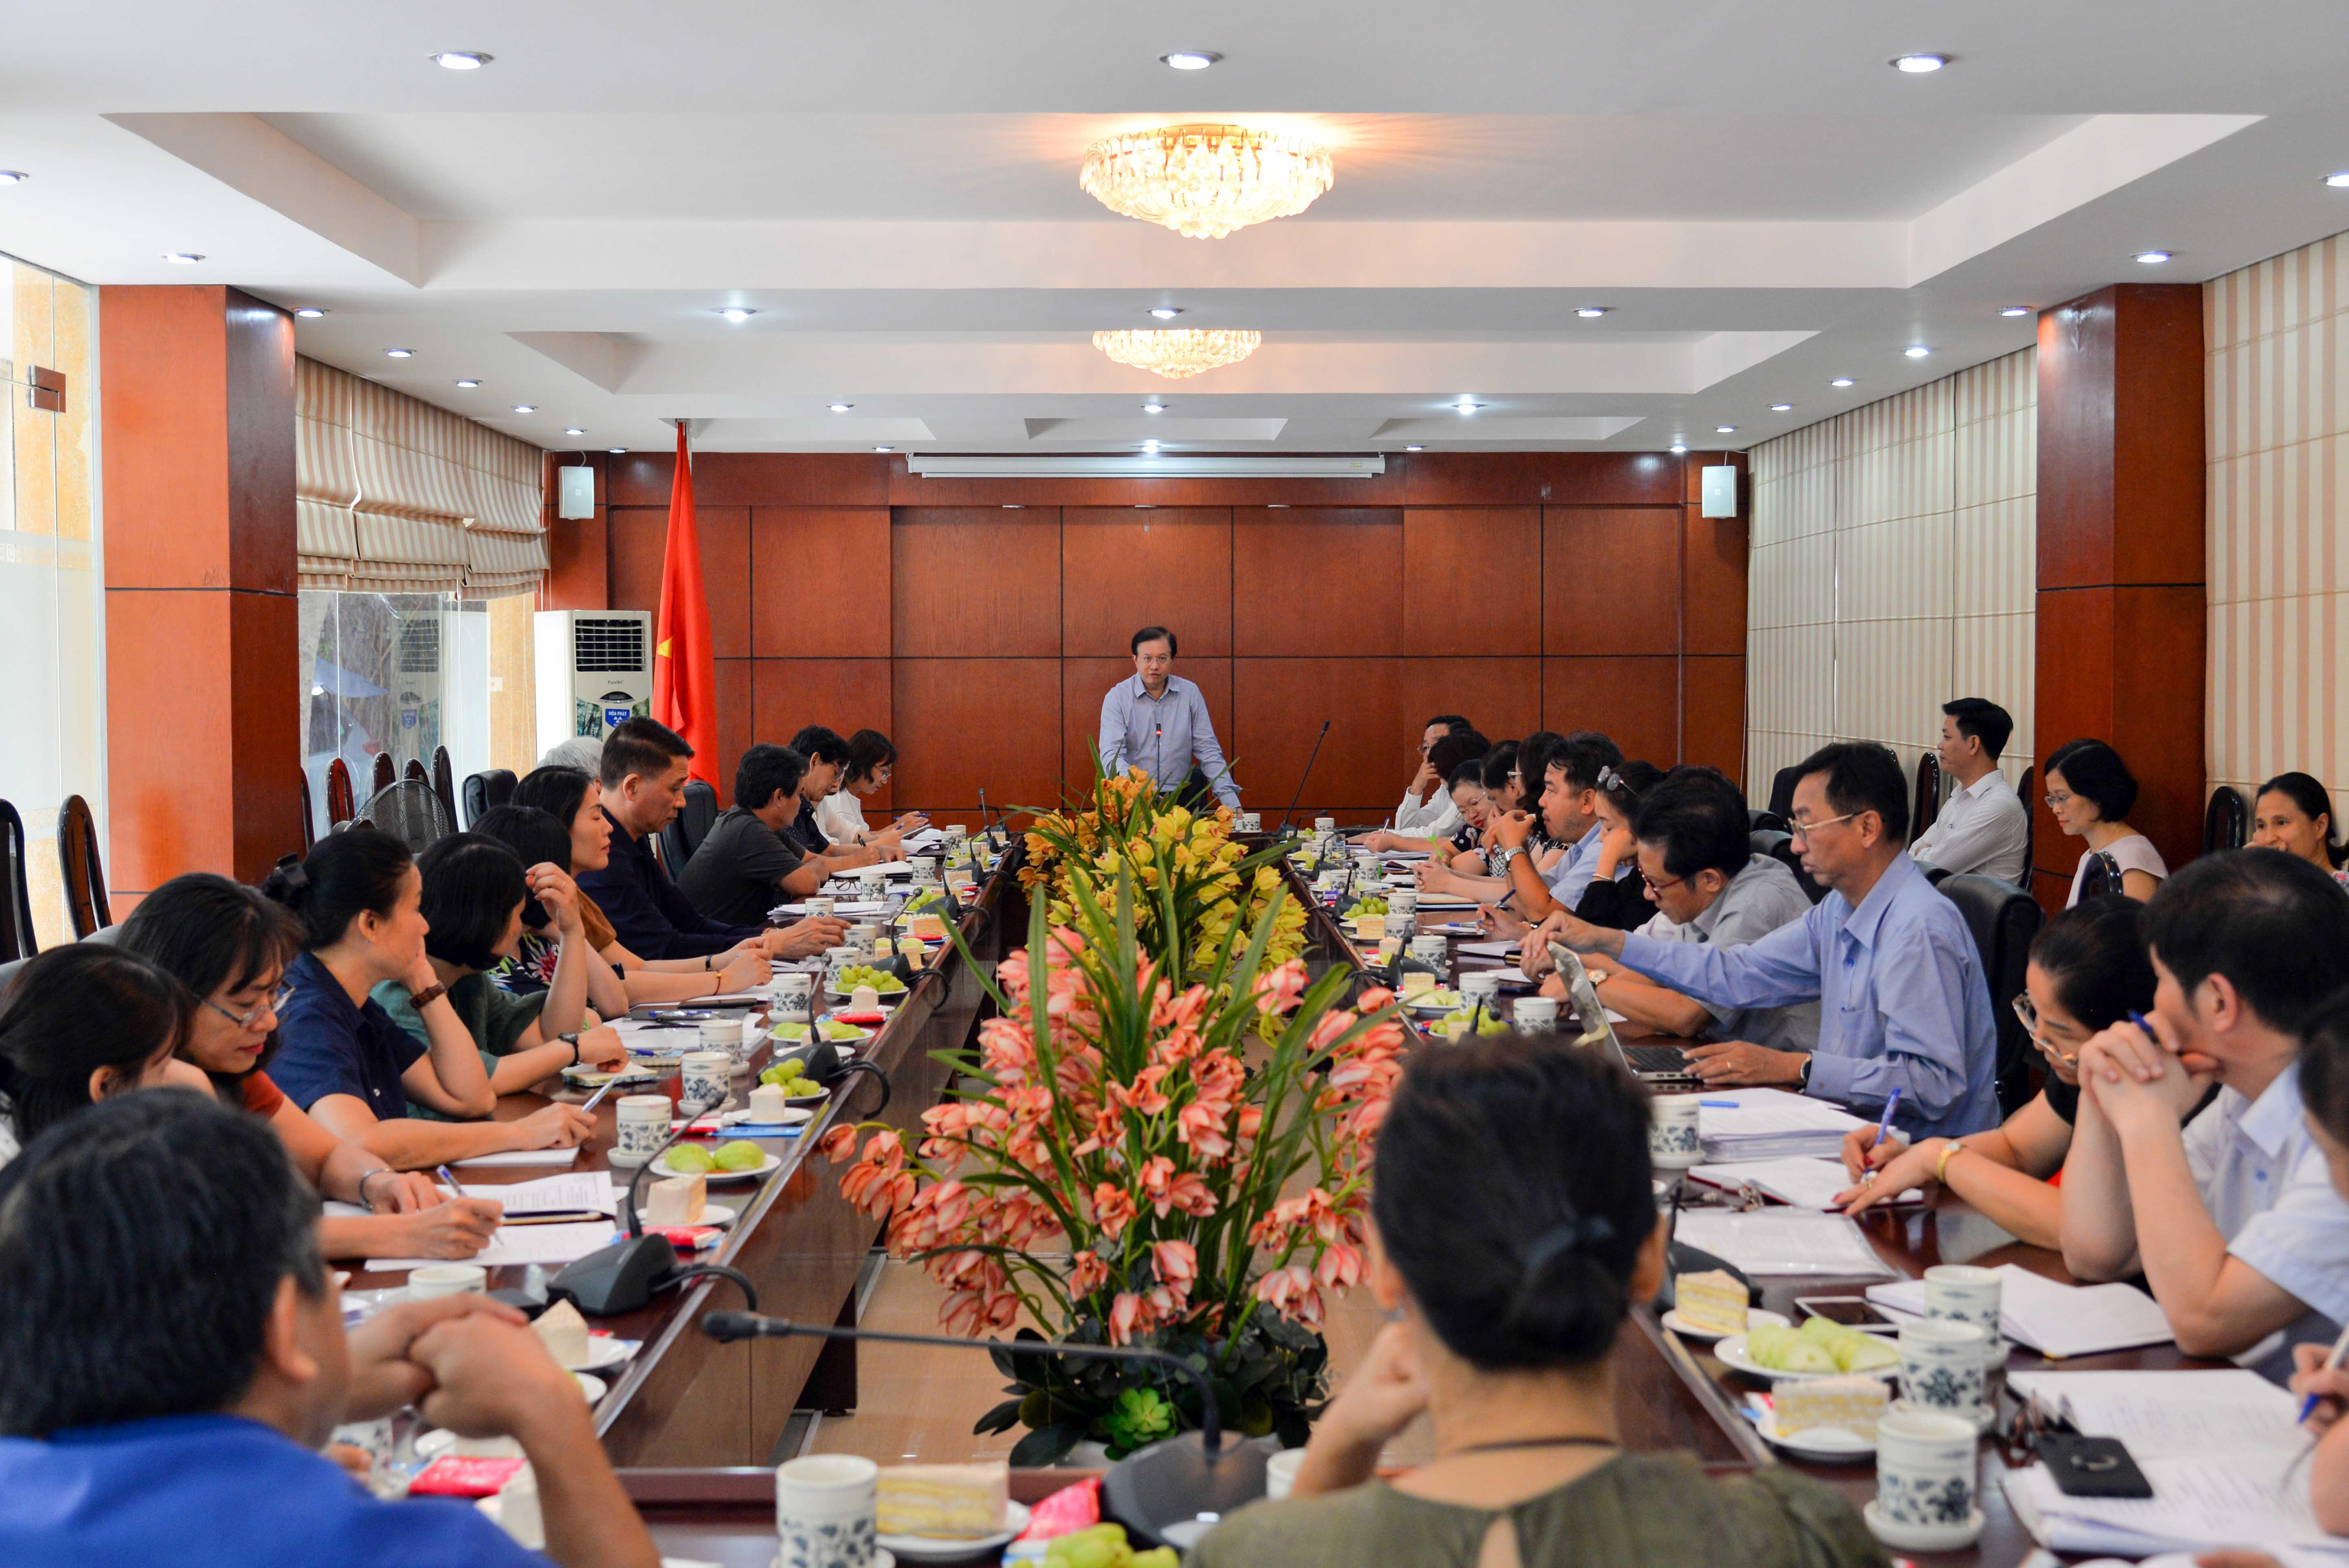 Thứ trưởng Tạ Quang Đông làm việc với các sơ sở đào tạo thuộc Bộ VHTTDL về triển khai Đề án đào tạo tài năng lĩnh vực văn hóa nghệ thuật năm 2019